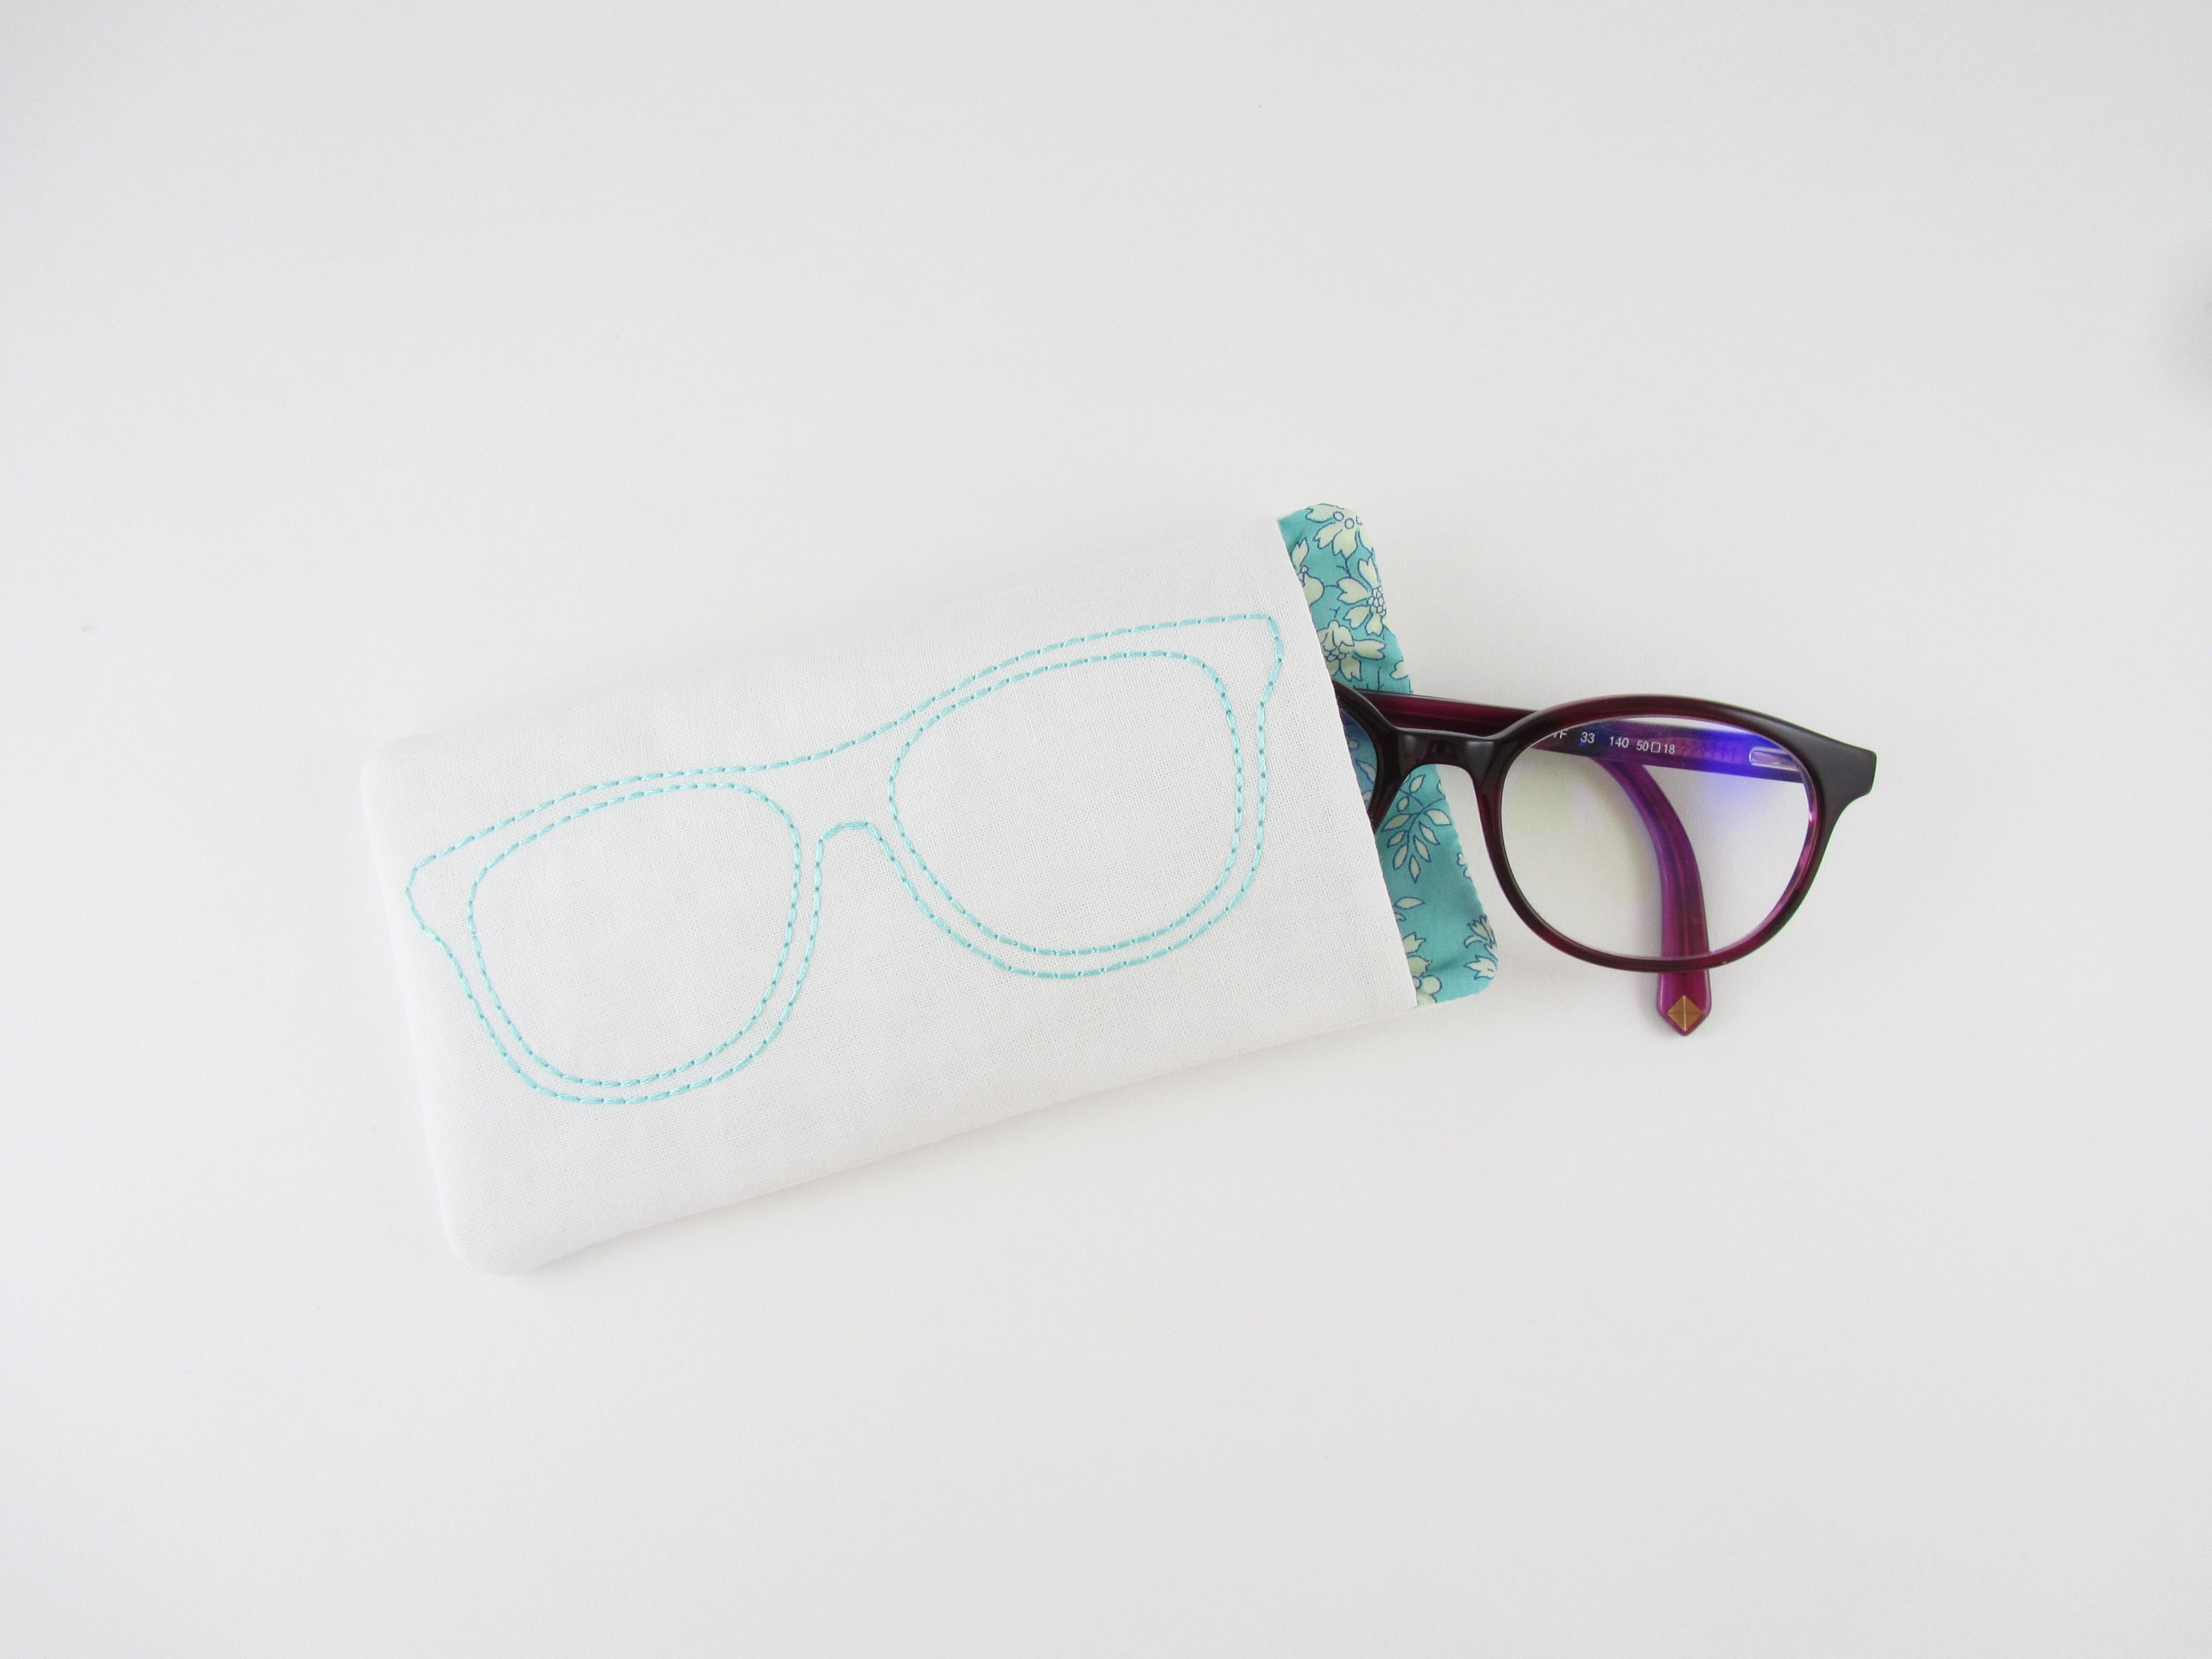 6b3e78ece8710 ... directement ici    https   www.eventbrite.fr e billets-atelier-chasrivari-chez-coudre-paris-creation-dun-etui-a- lunettes-tout-dans-le-cadre-36156995547